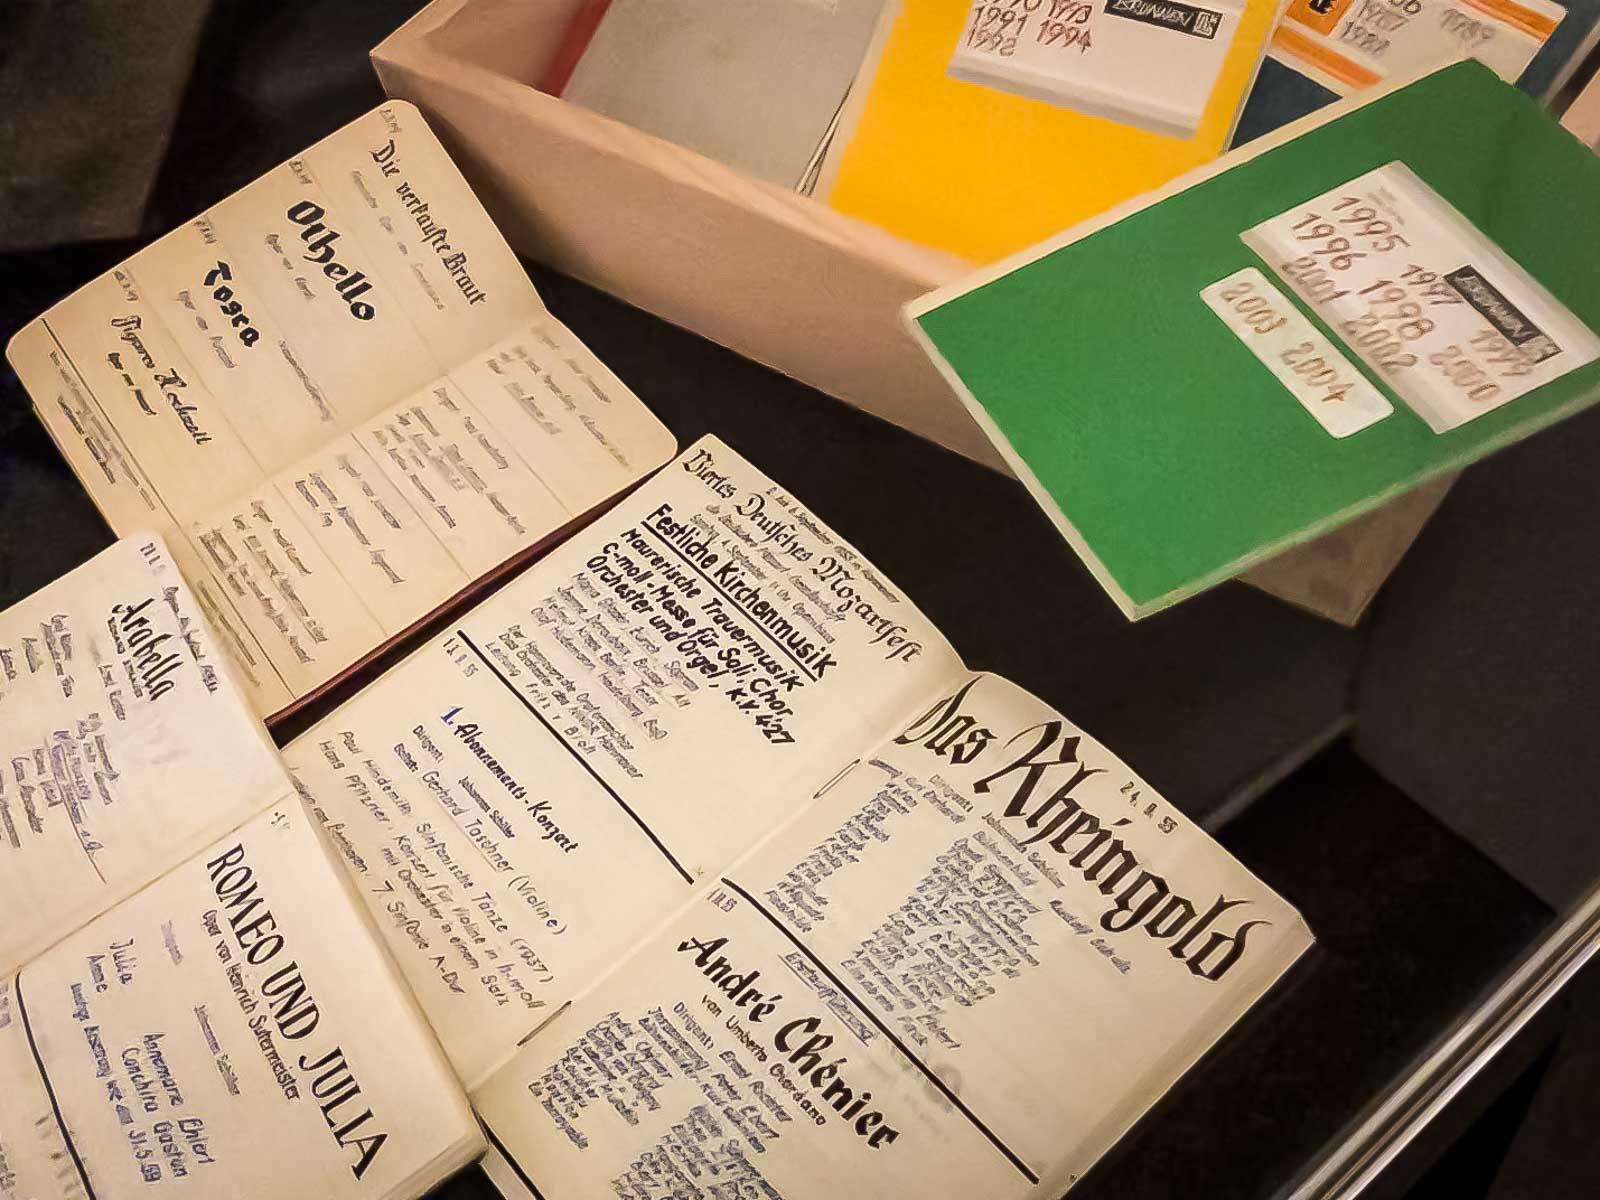 Aufführungs-Tagebücher